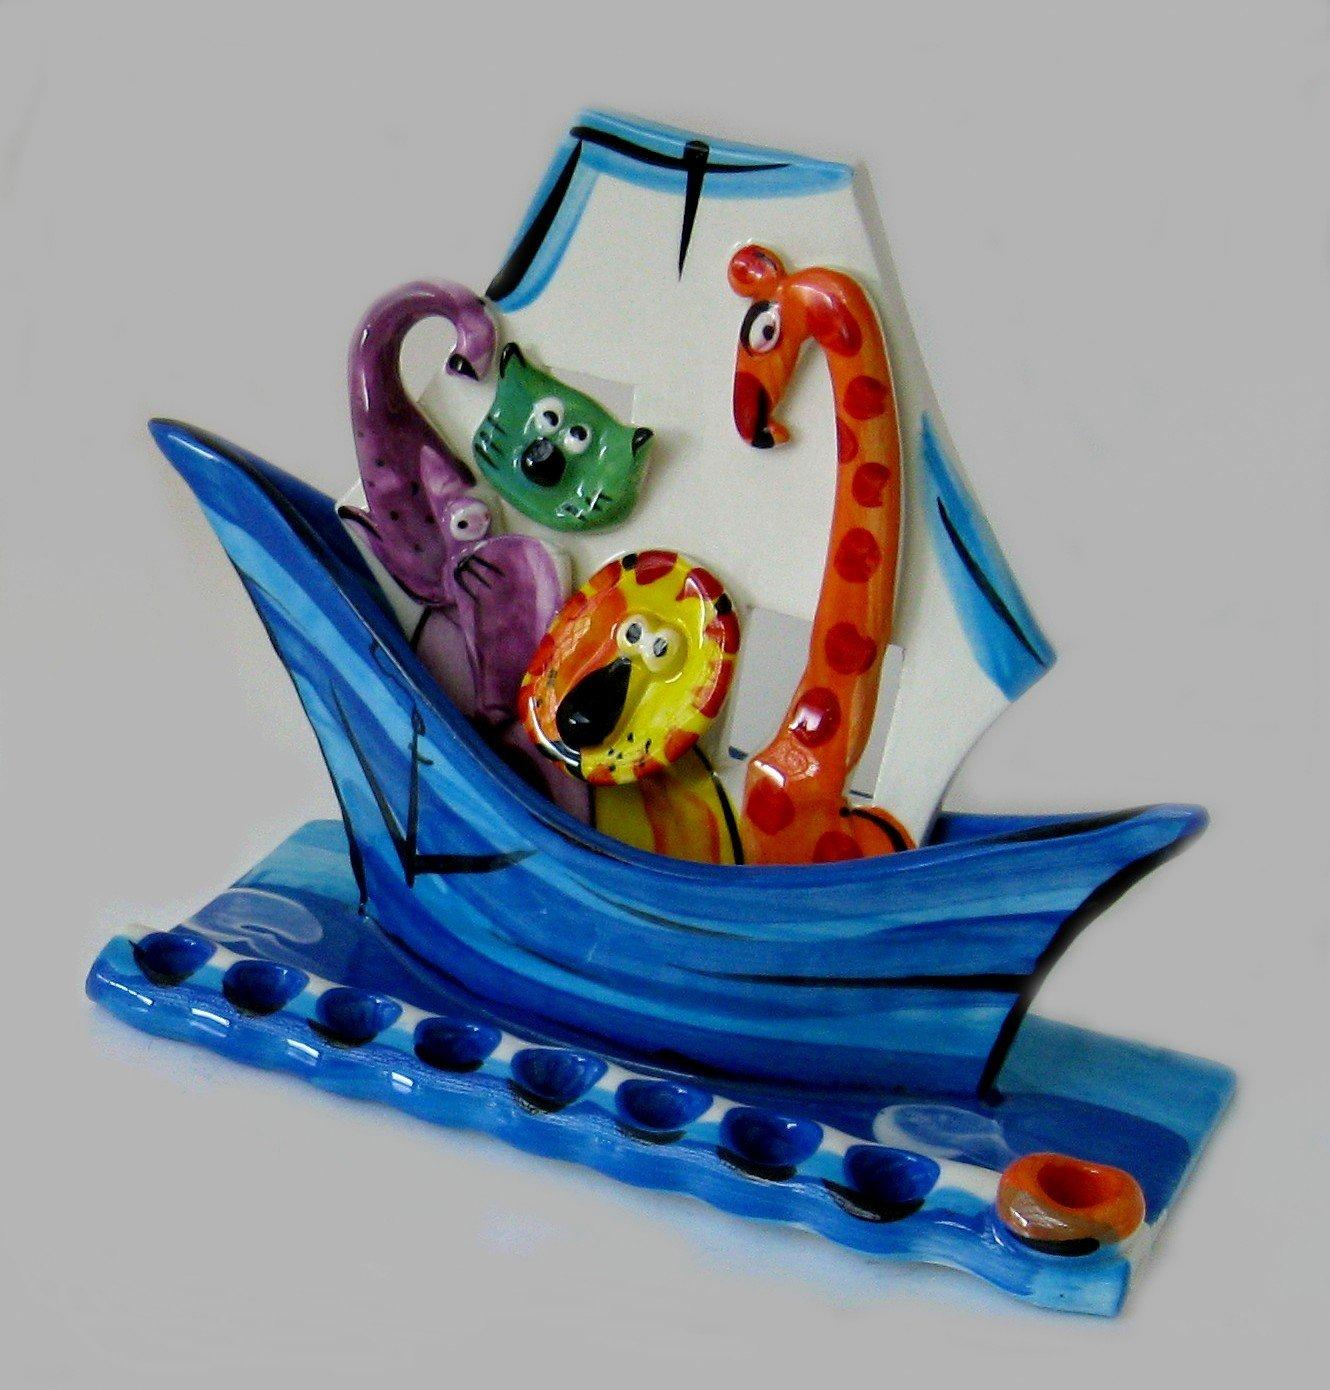 Chanukah Menorah, Hanukah Menorah - Animal Series for Kids, Noah's Ark